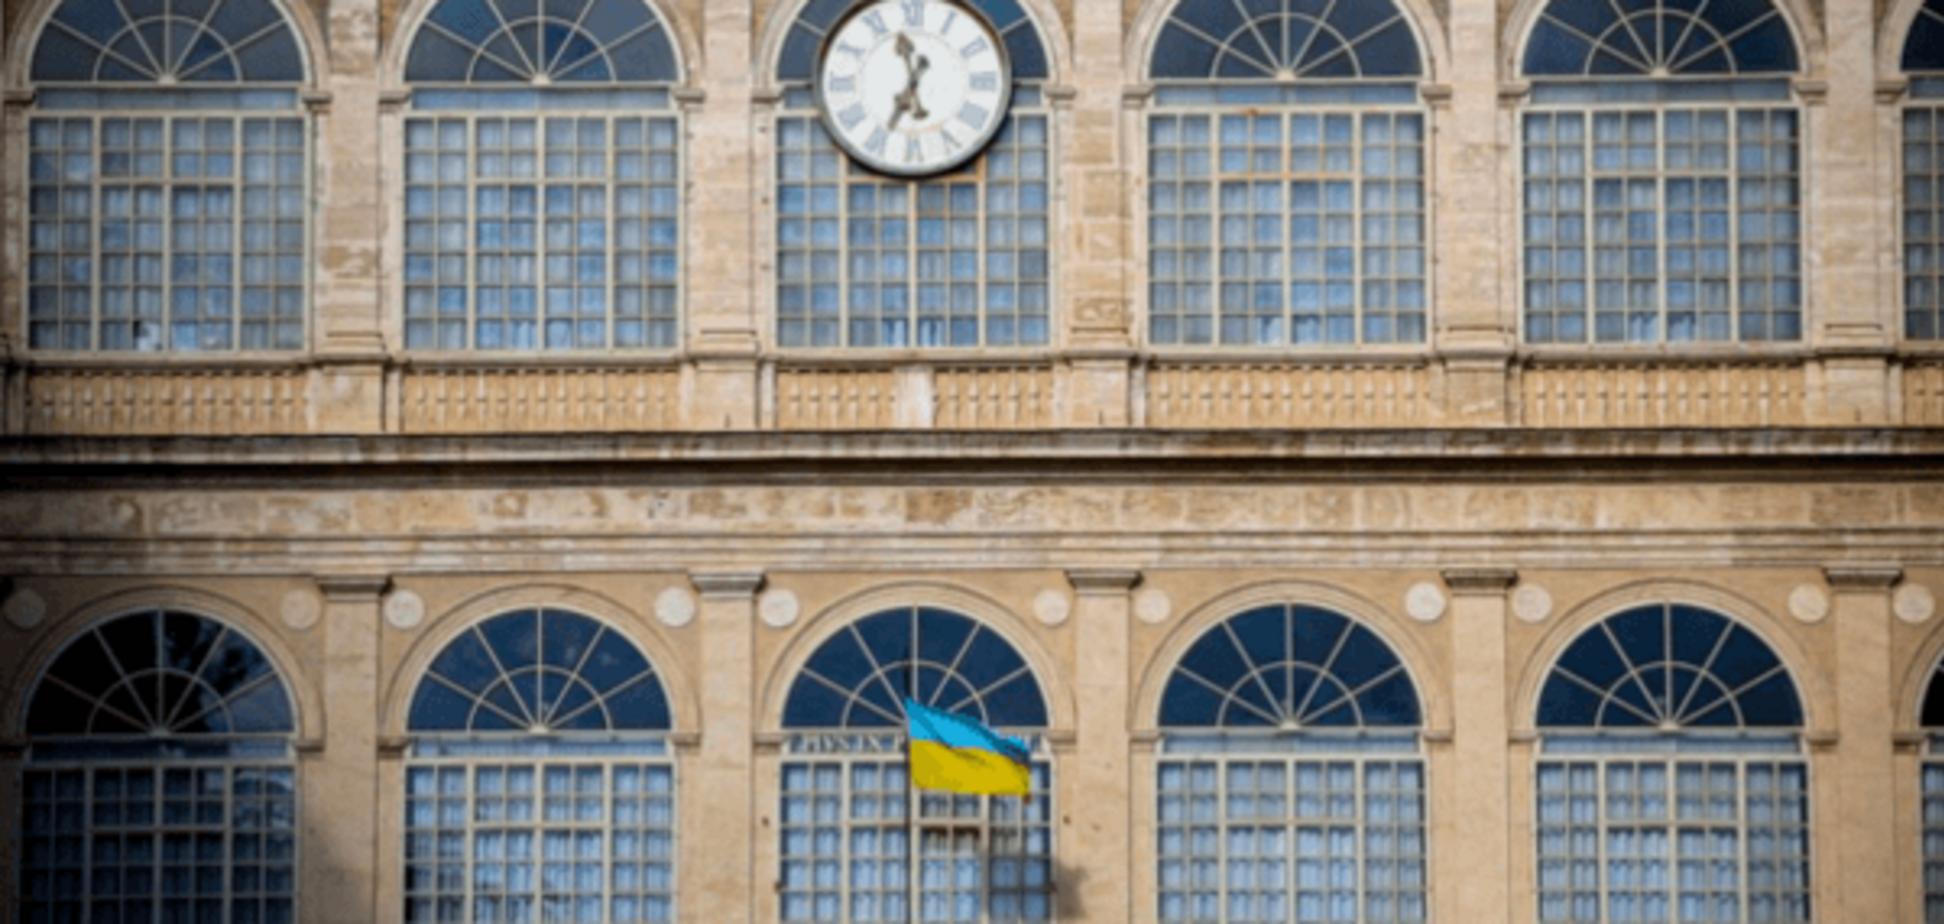 На палаці Папи у Ватикані з'явився прапор України: фотофакт